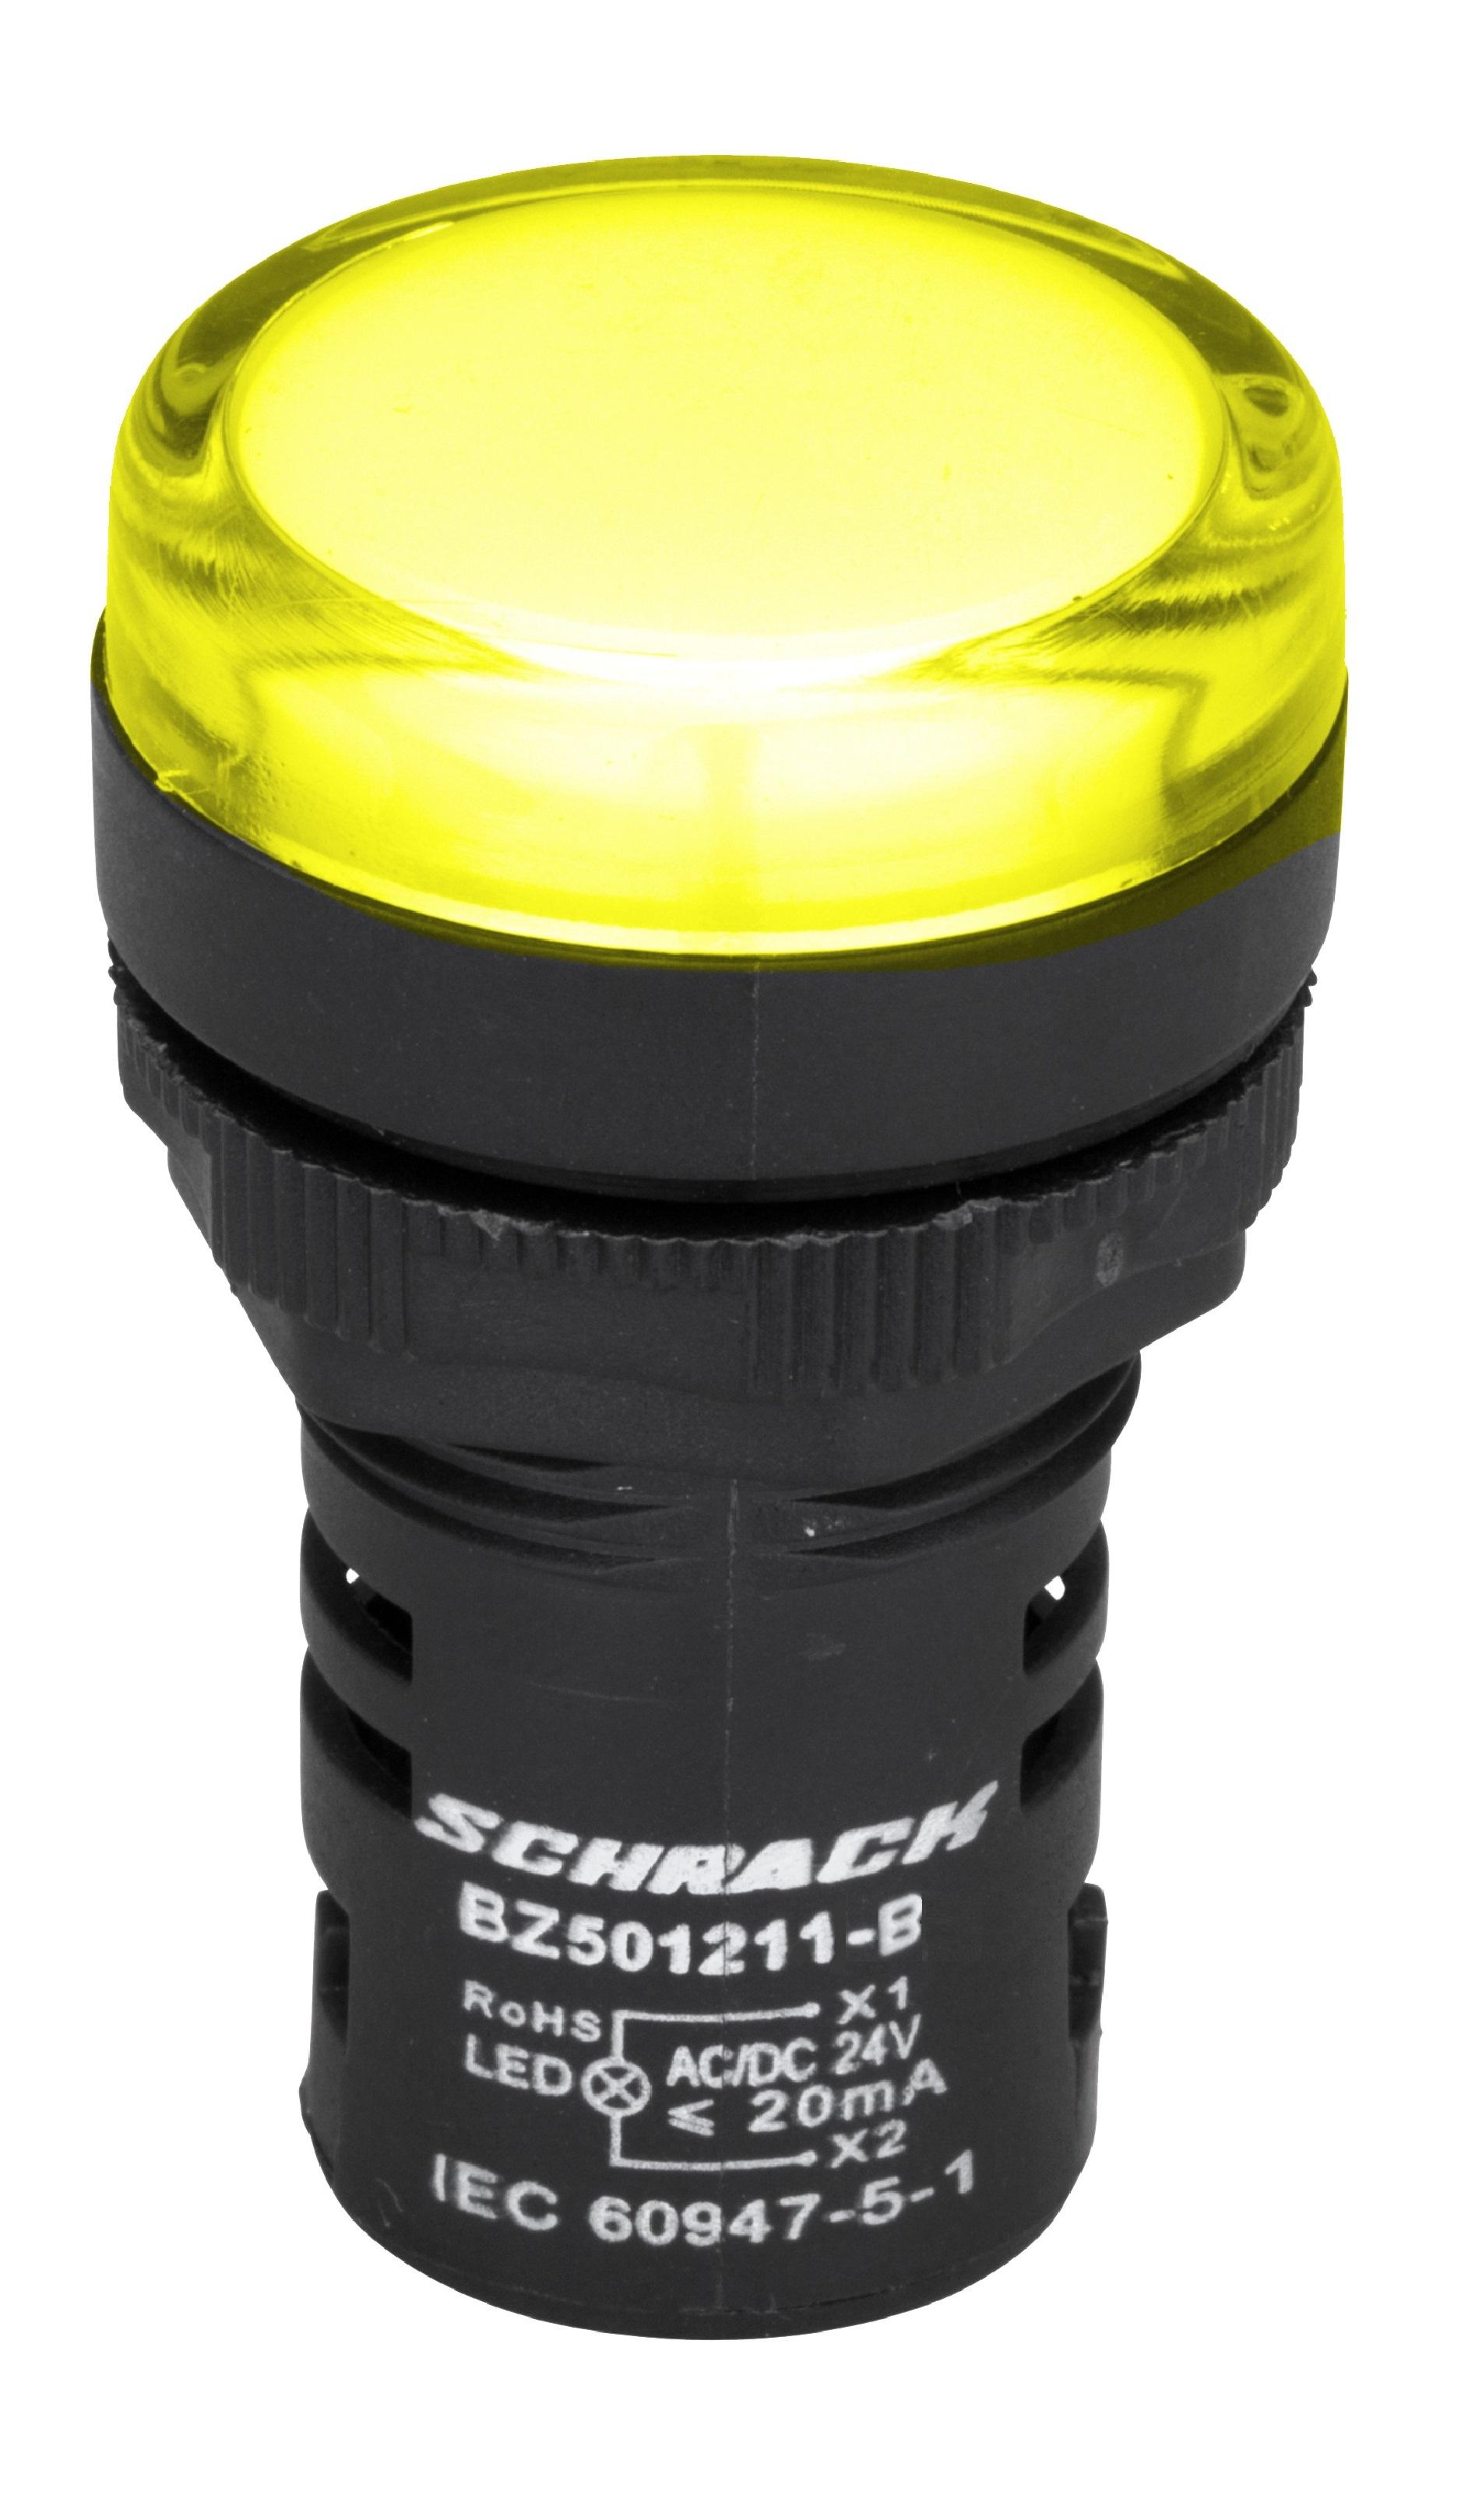 1 Stk LED-Leuchtmelder Monoblock 24V-AC/DC gelb BZ501211-B